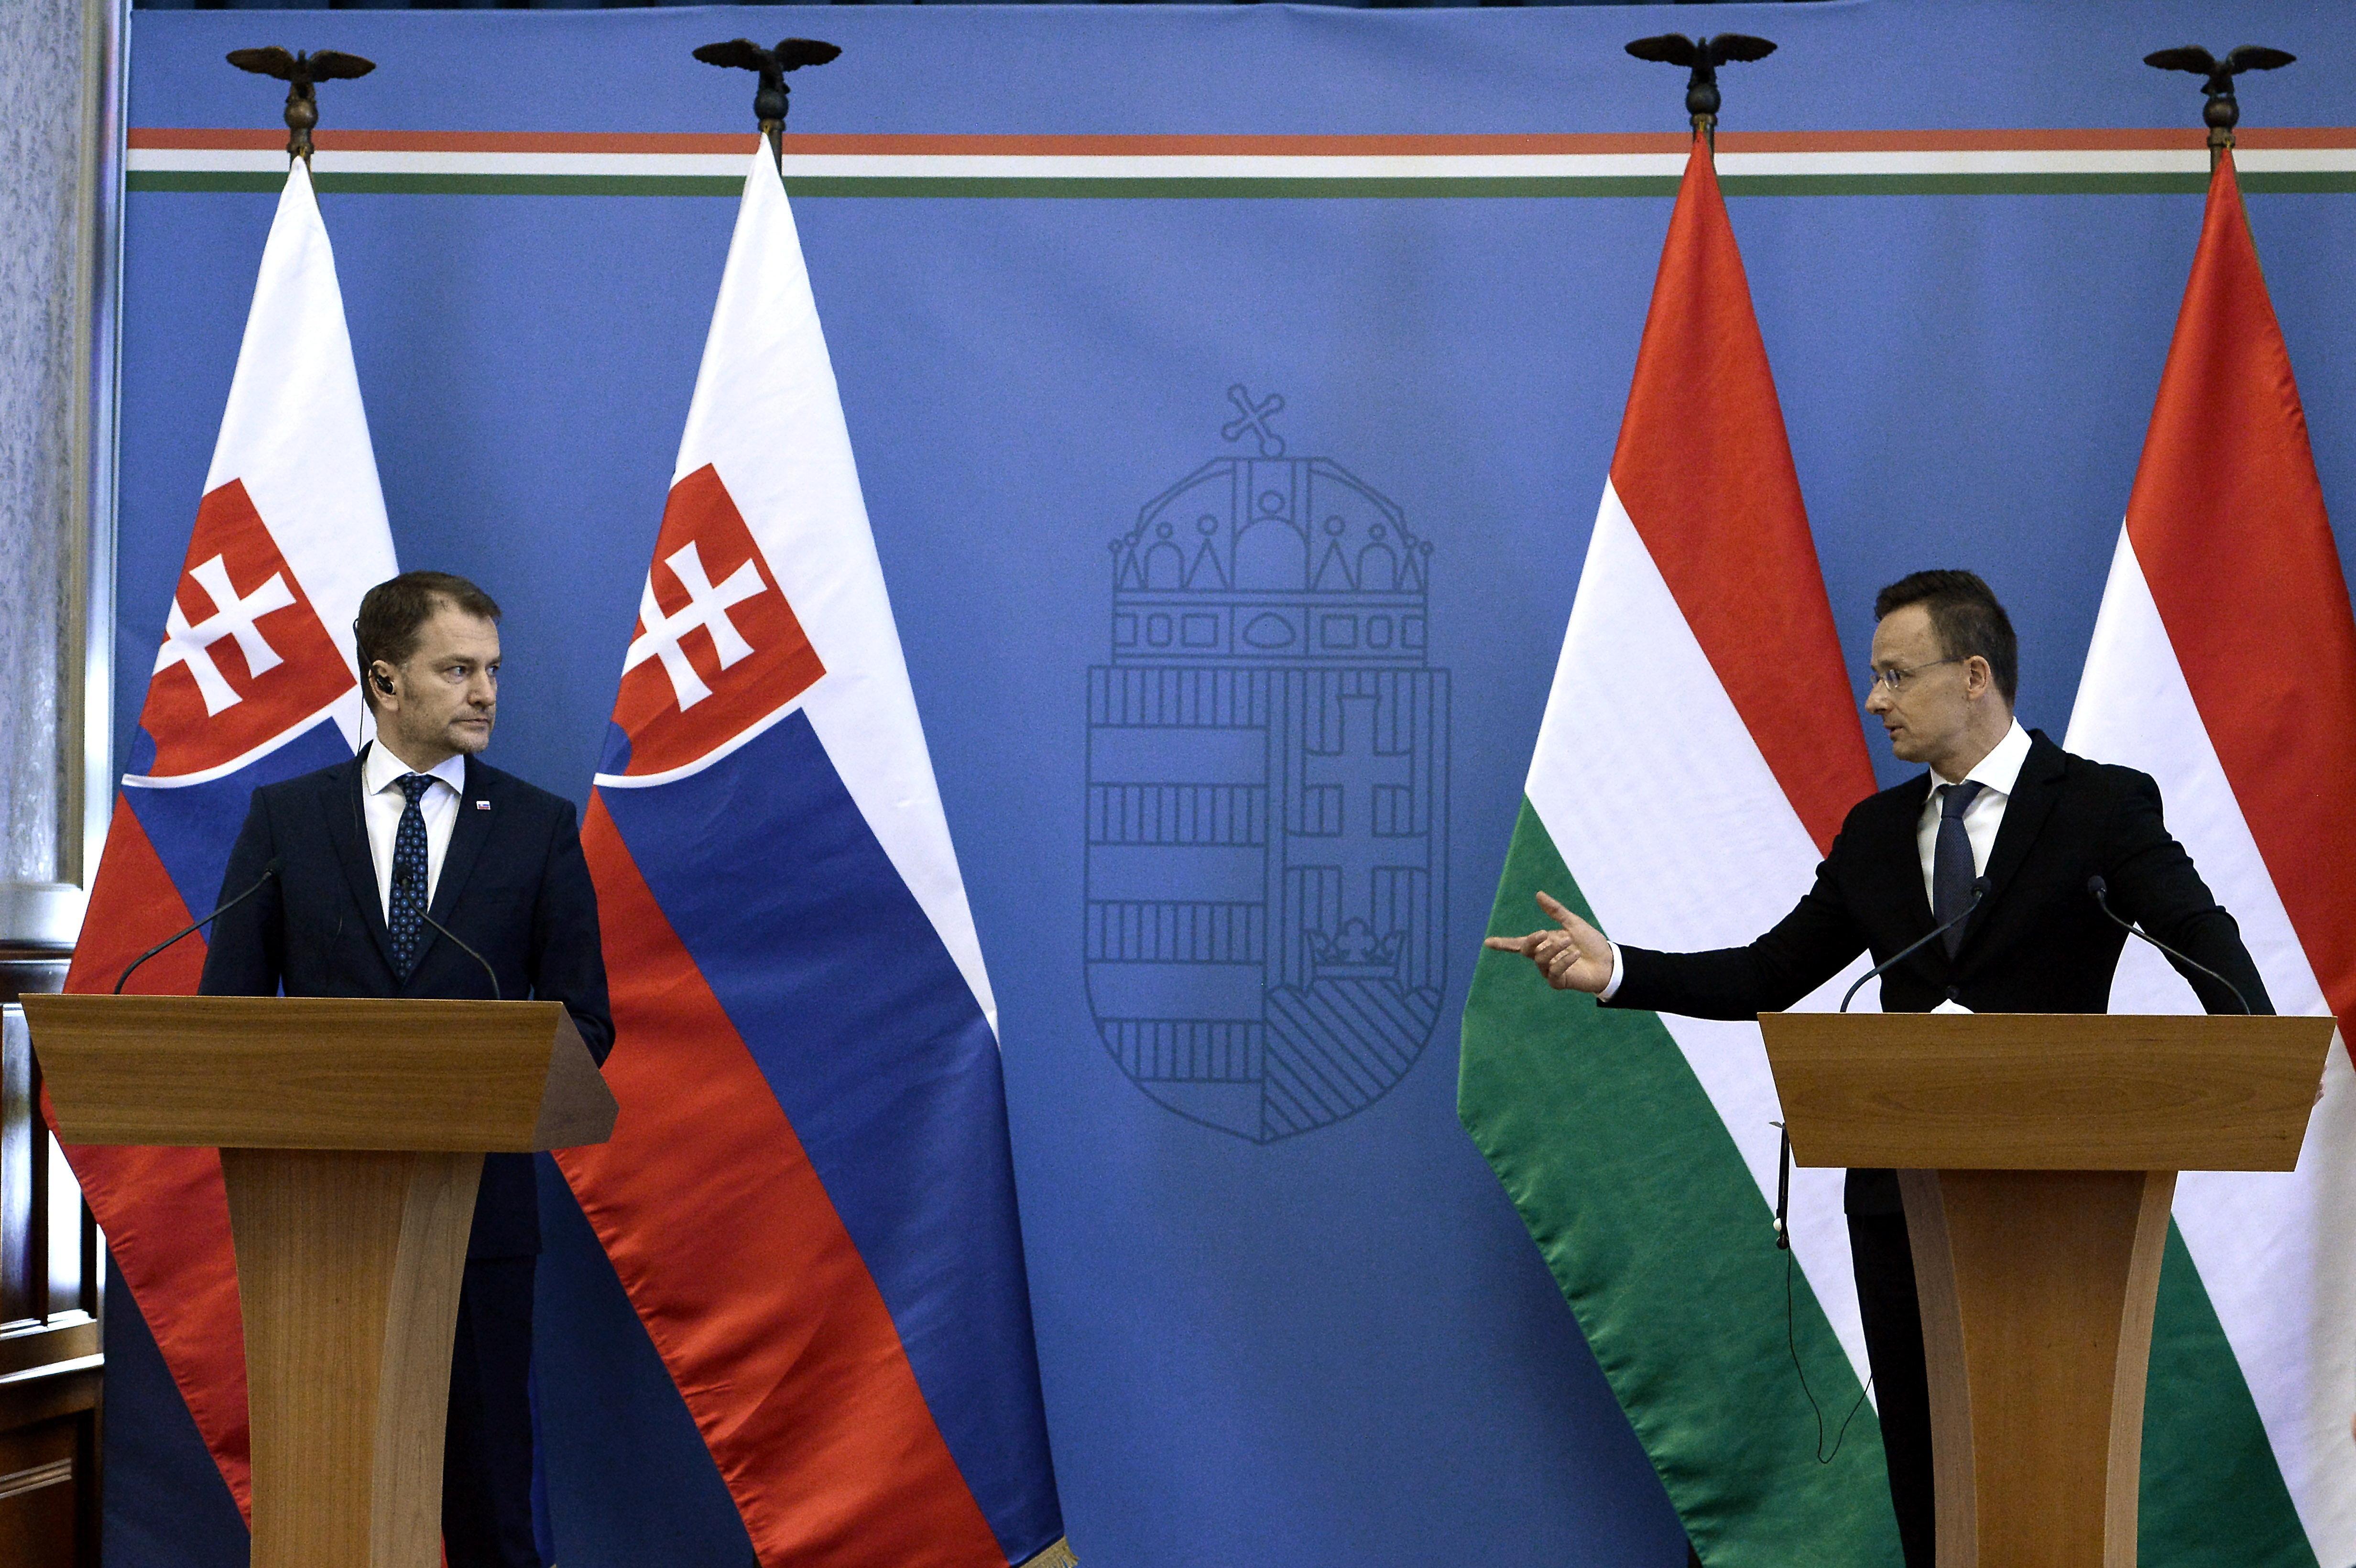 Még mindig nem sikerült megállapodni Szlovákiával az oltási igazolványok elismeréséről